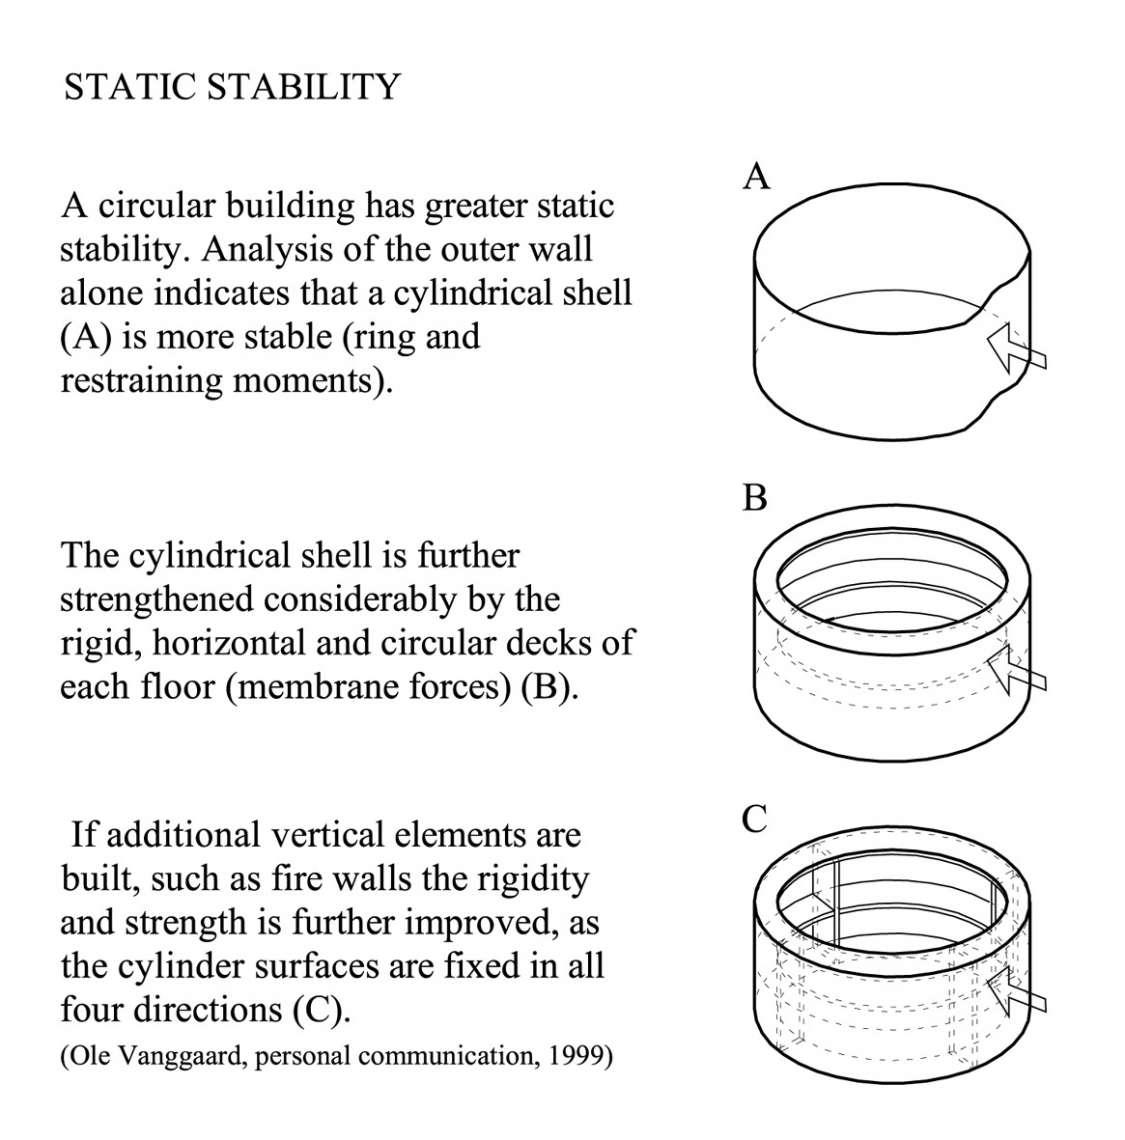 statisk analyse vandrette kræfter